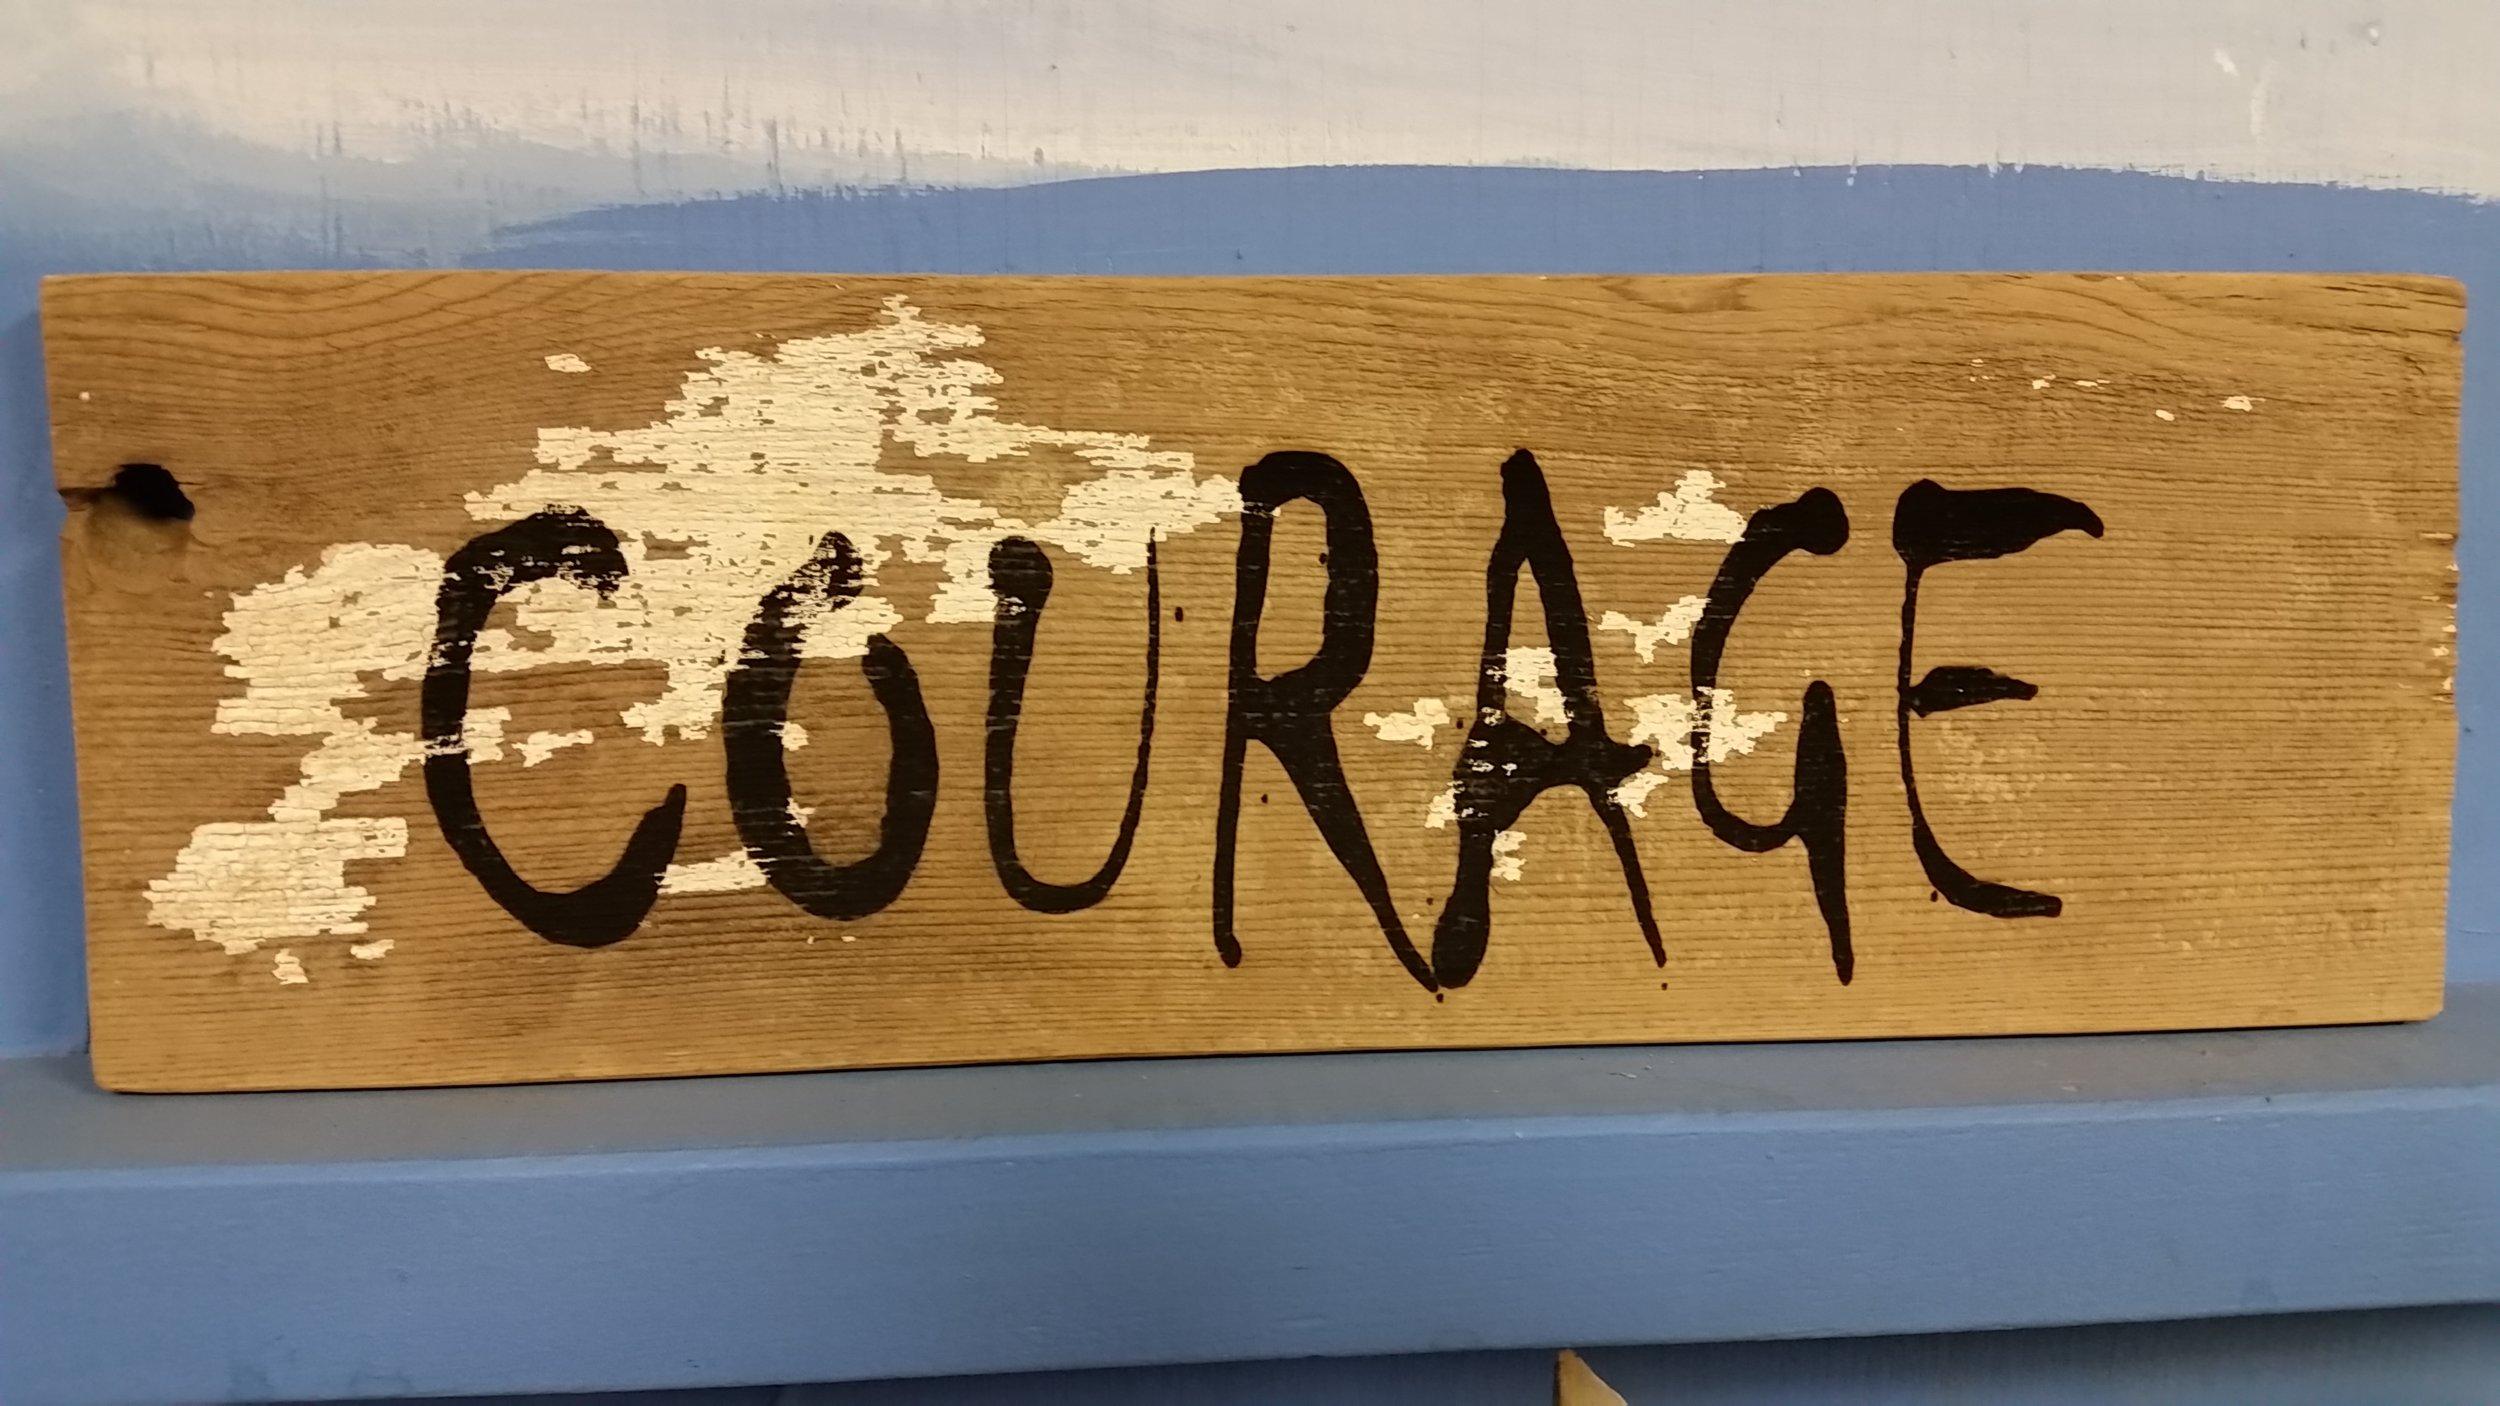 fencewood-courage.jpg